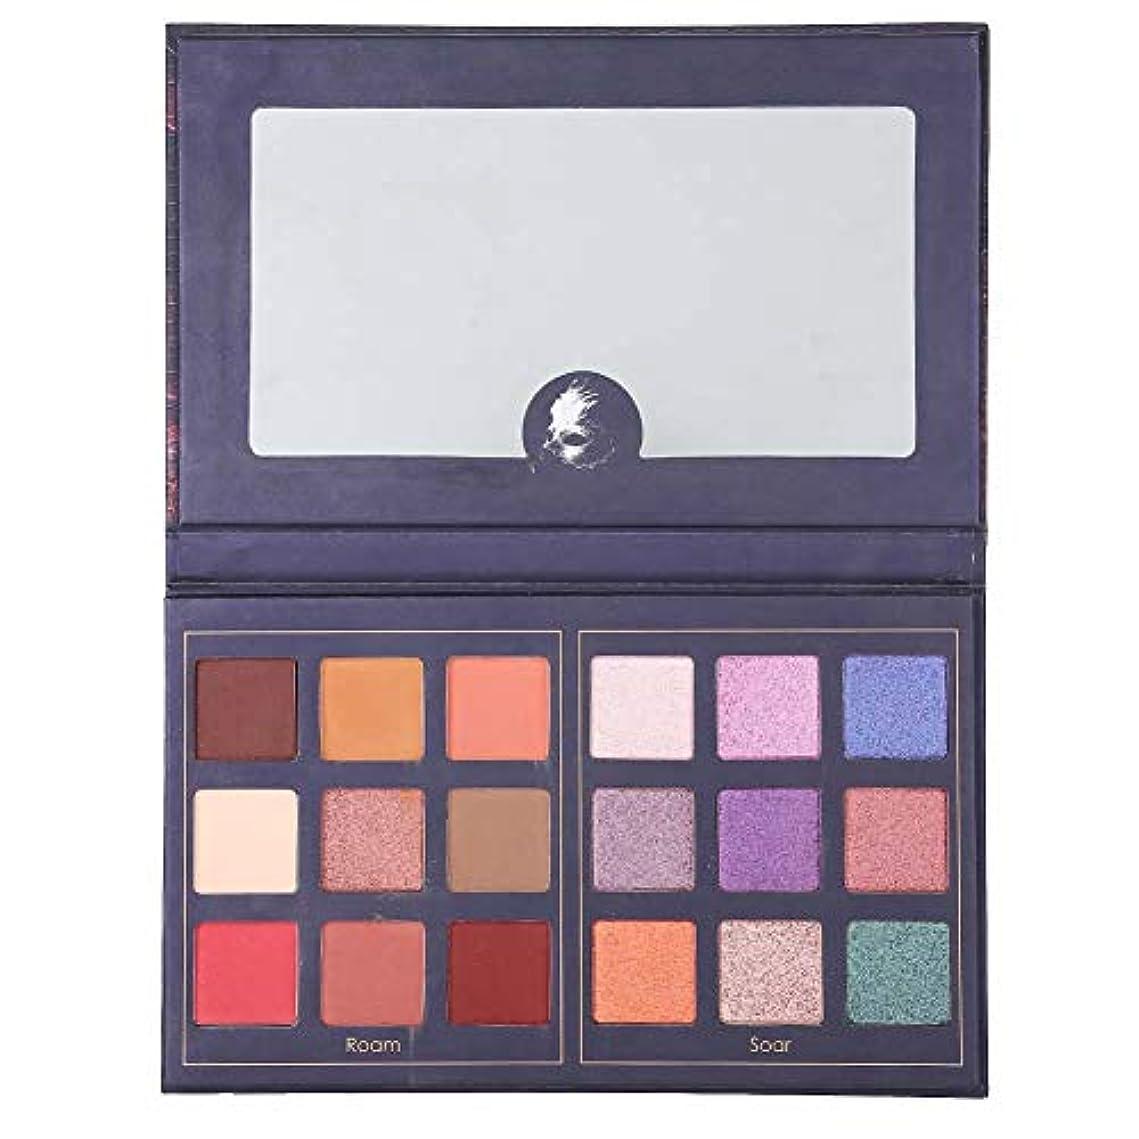 インフレーション動力学どうやってアイシャドウパレットグリッター 18色 美しい 化粧品アイシャドウ化粧パウダー